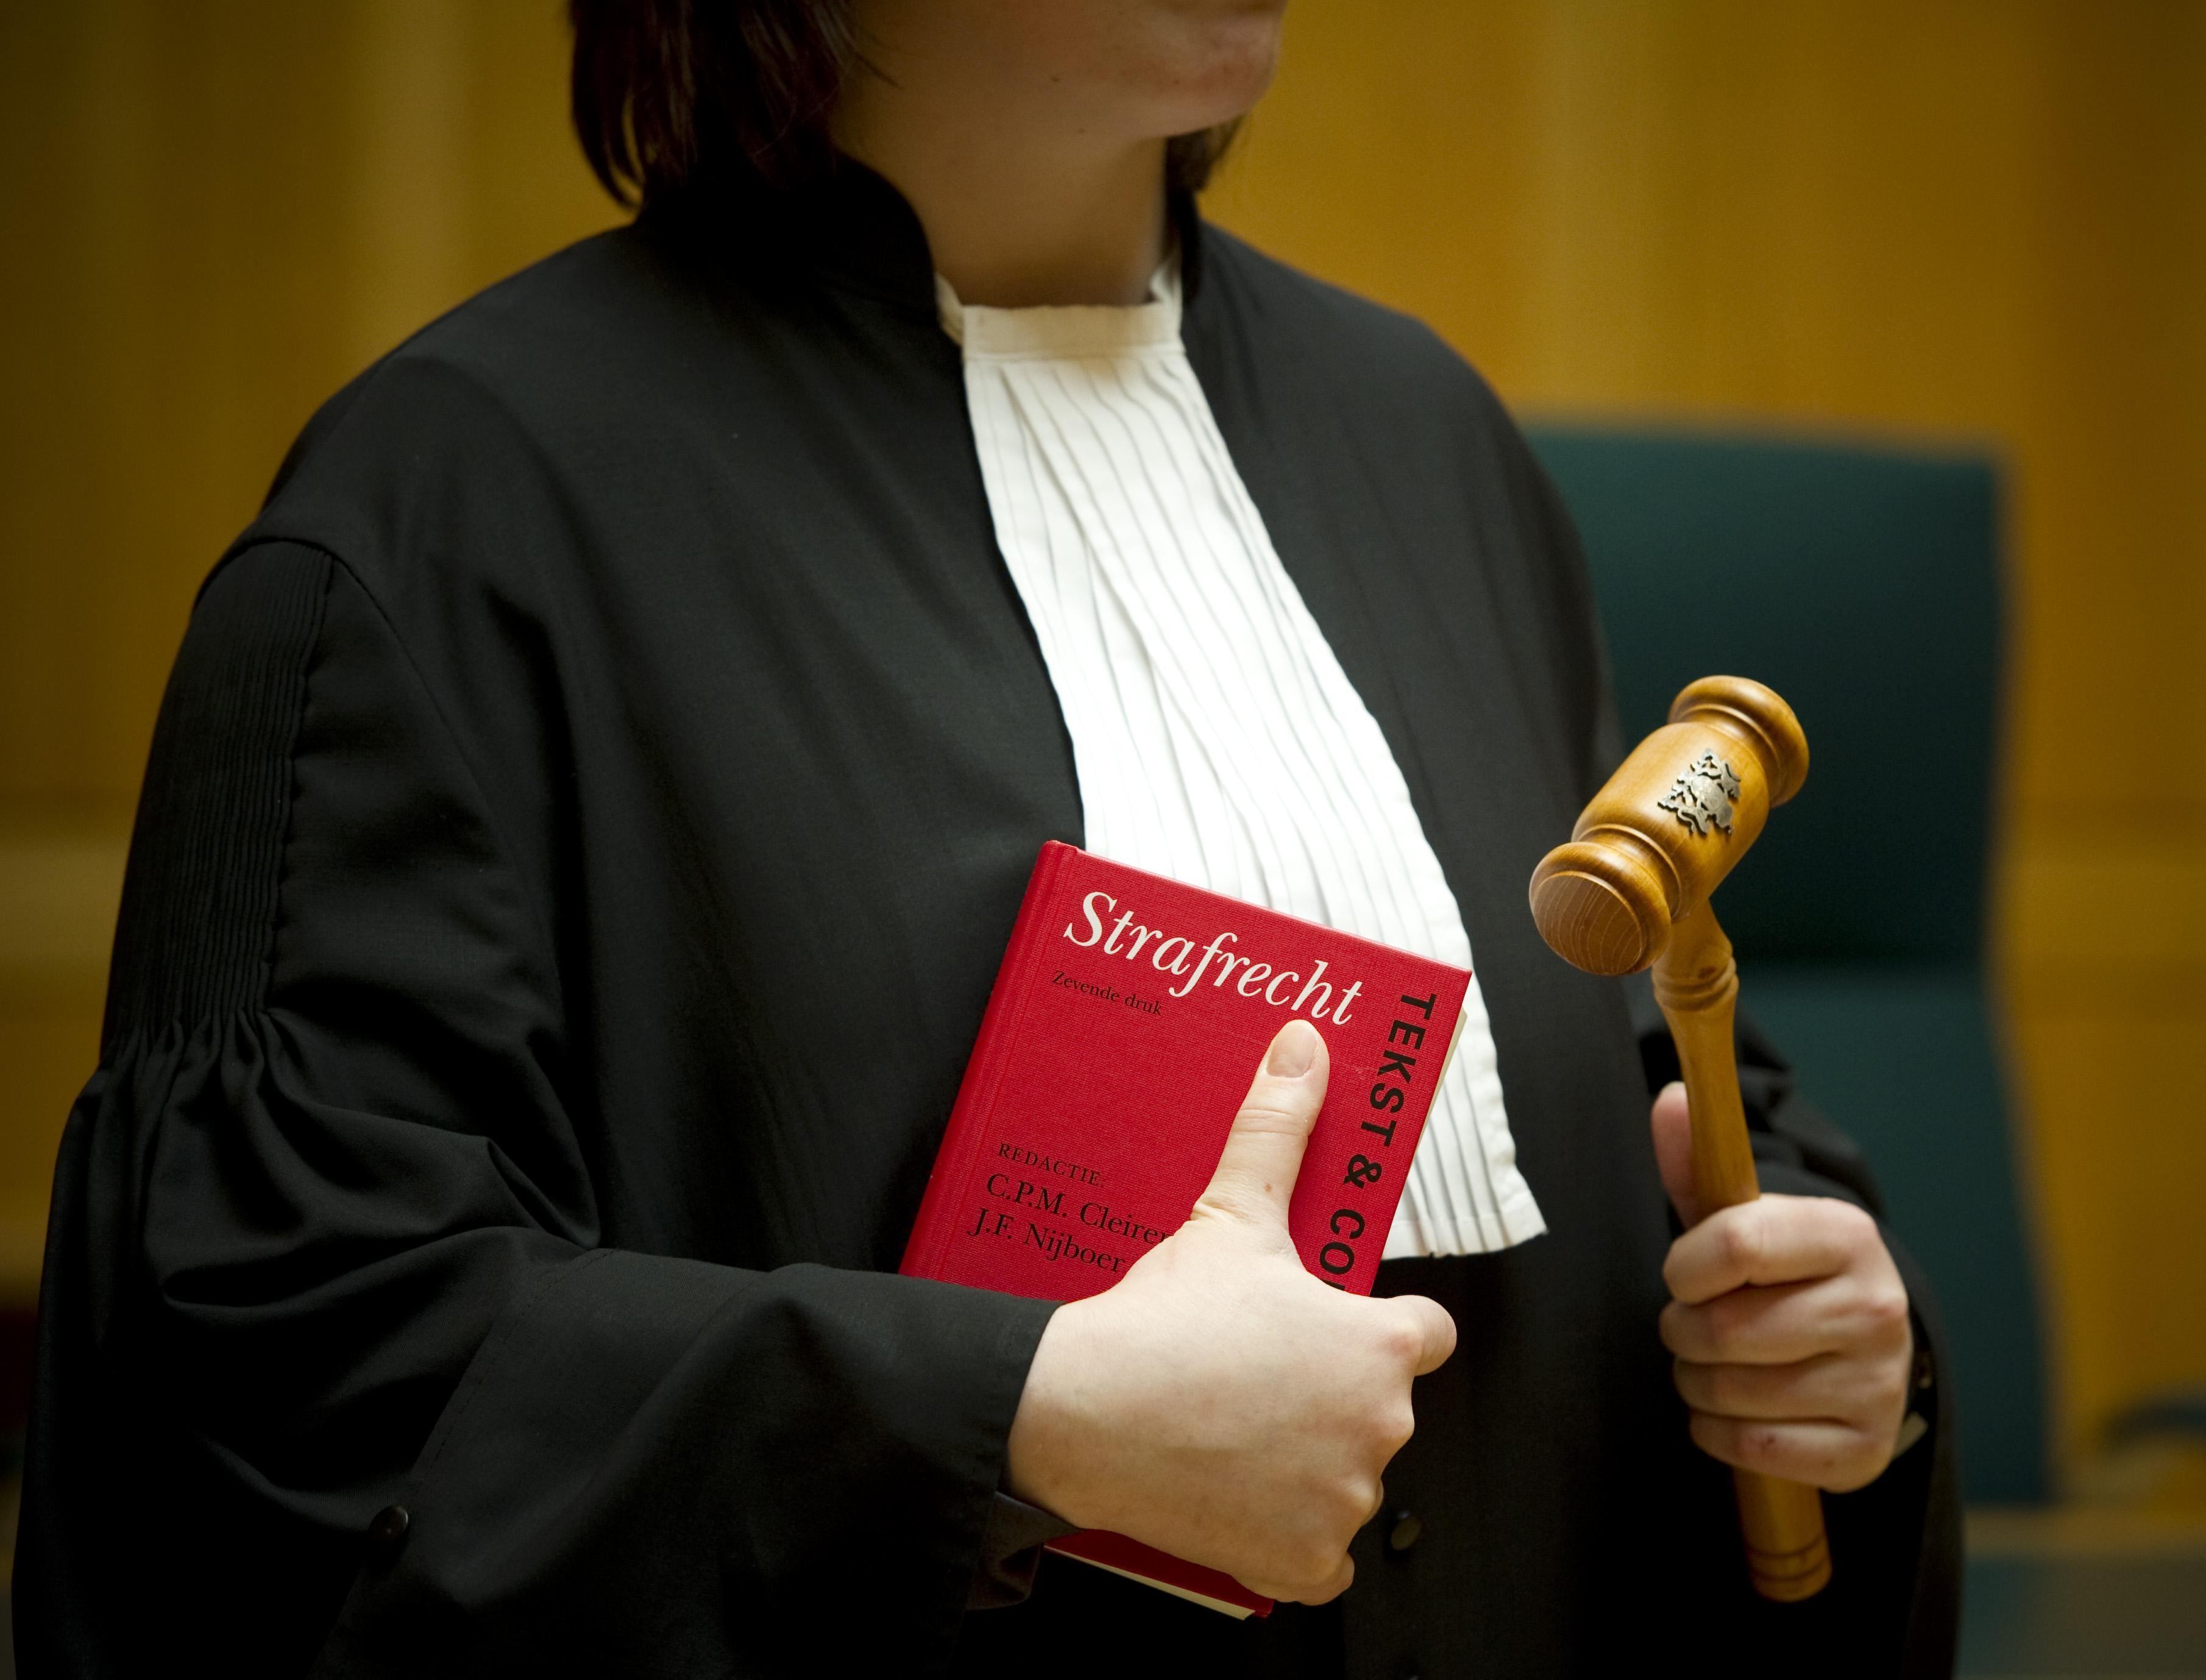 Krakers moeten officierswoning bij vliegbasis Soesterberg verlaten. Rechter: Pand is niet veilig